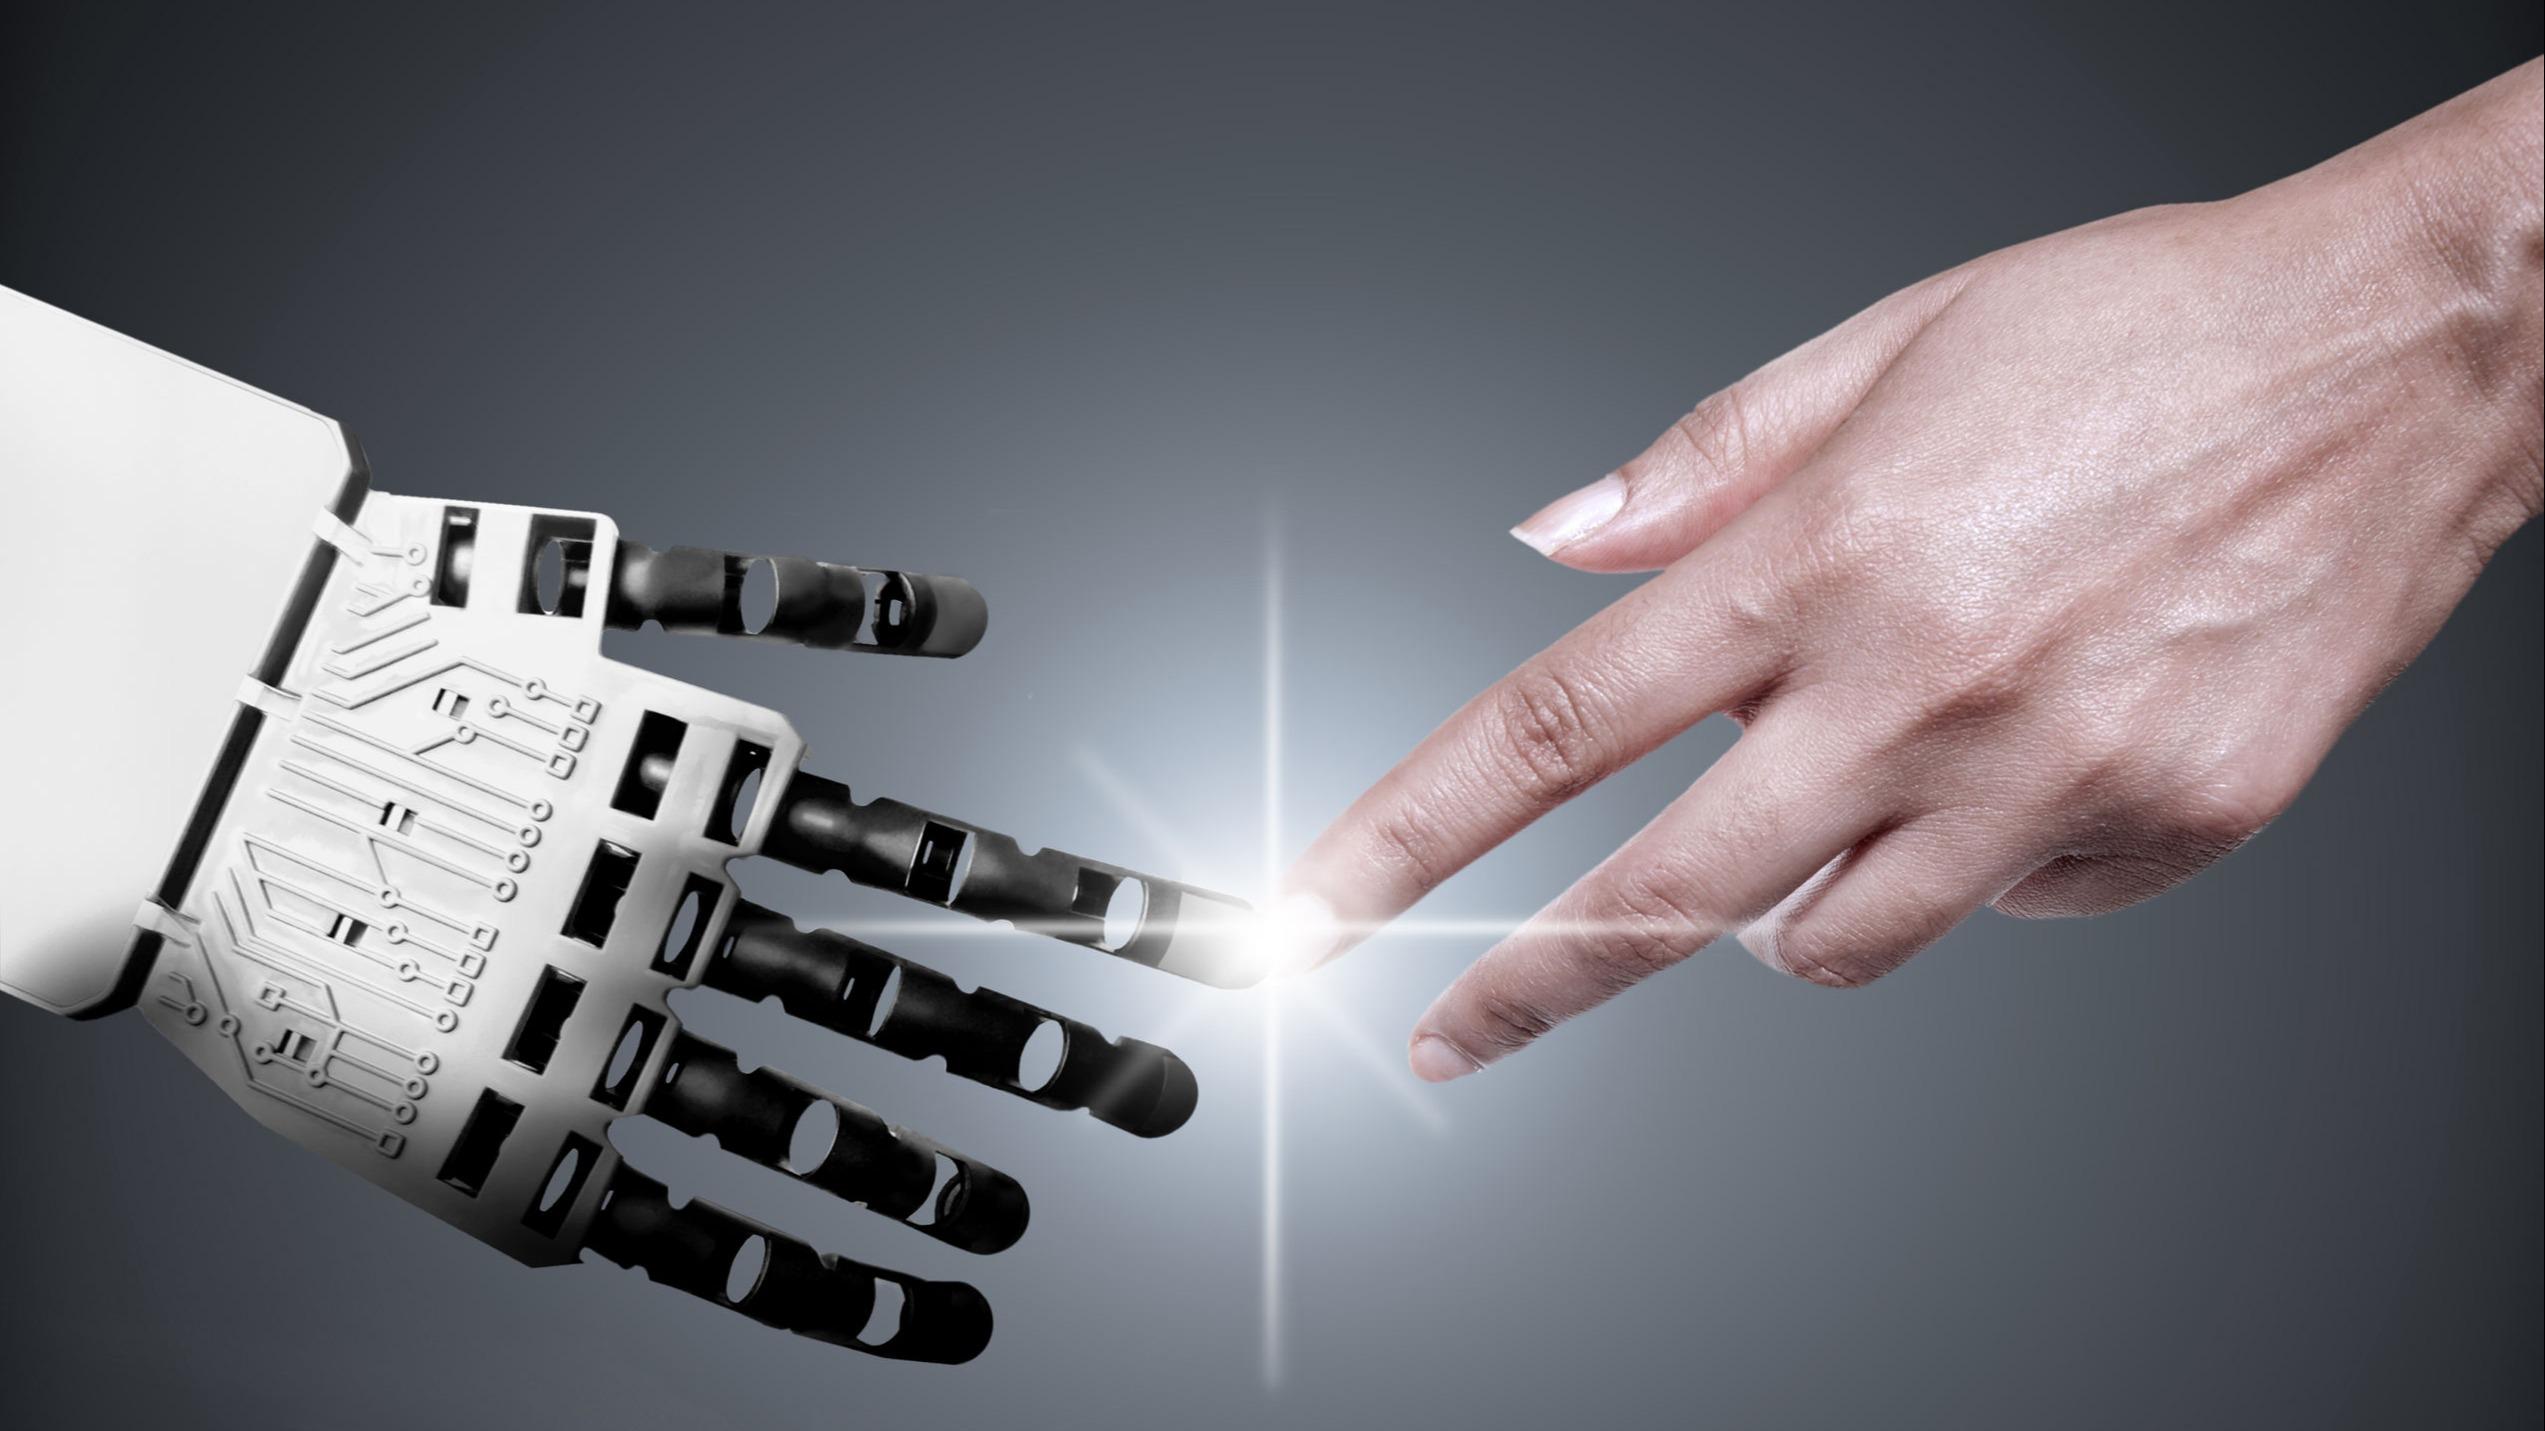 工业机器人研发公司埃夫特冲刺科创板IPO 存在坏账、商誉减值风险